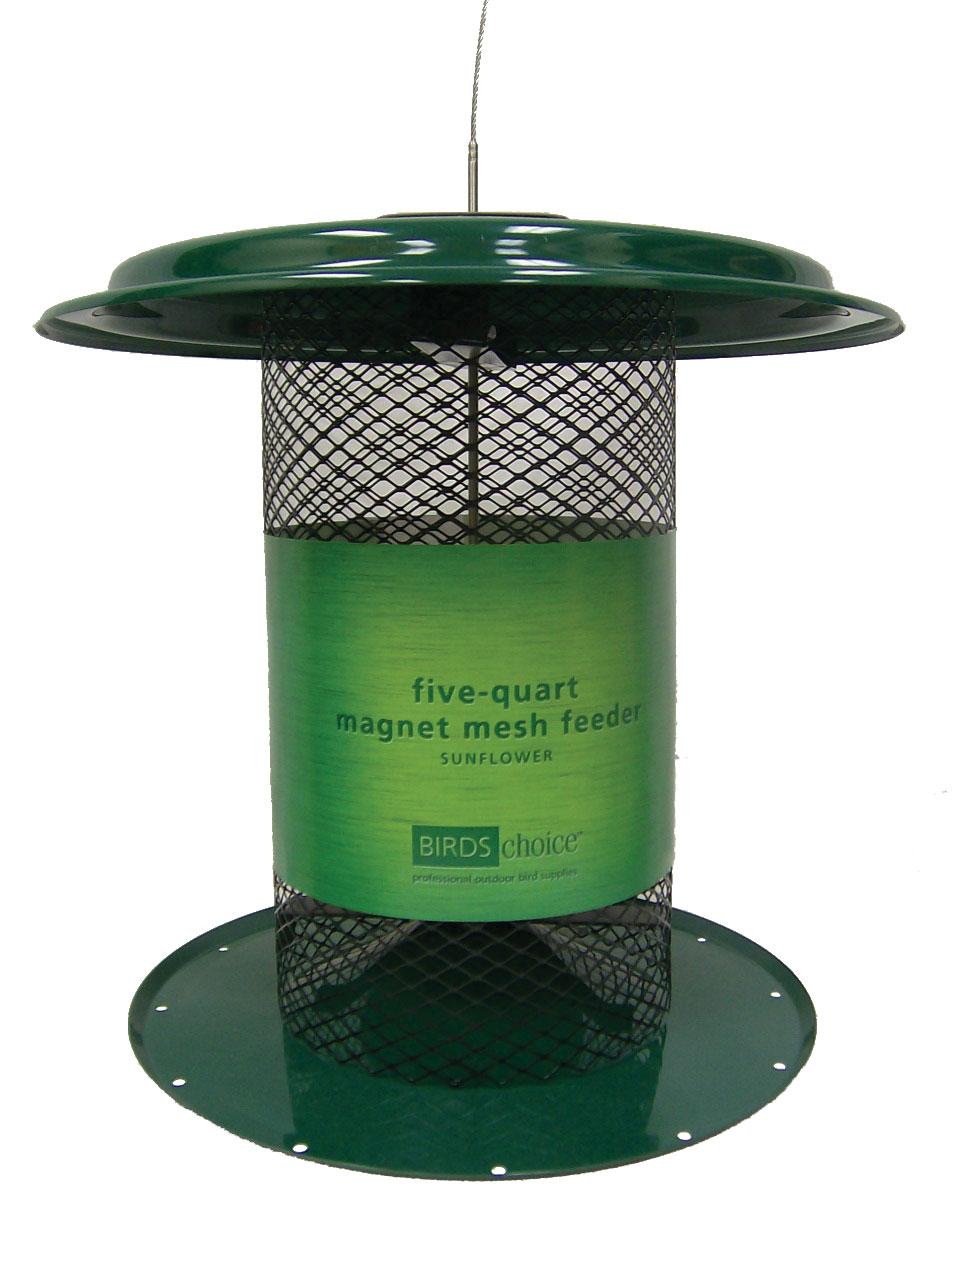 5 qt Magnet Mesh Sunflower Feeder - green